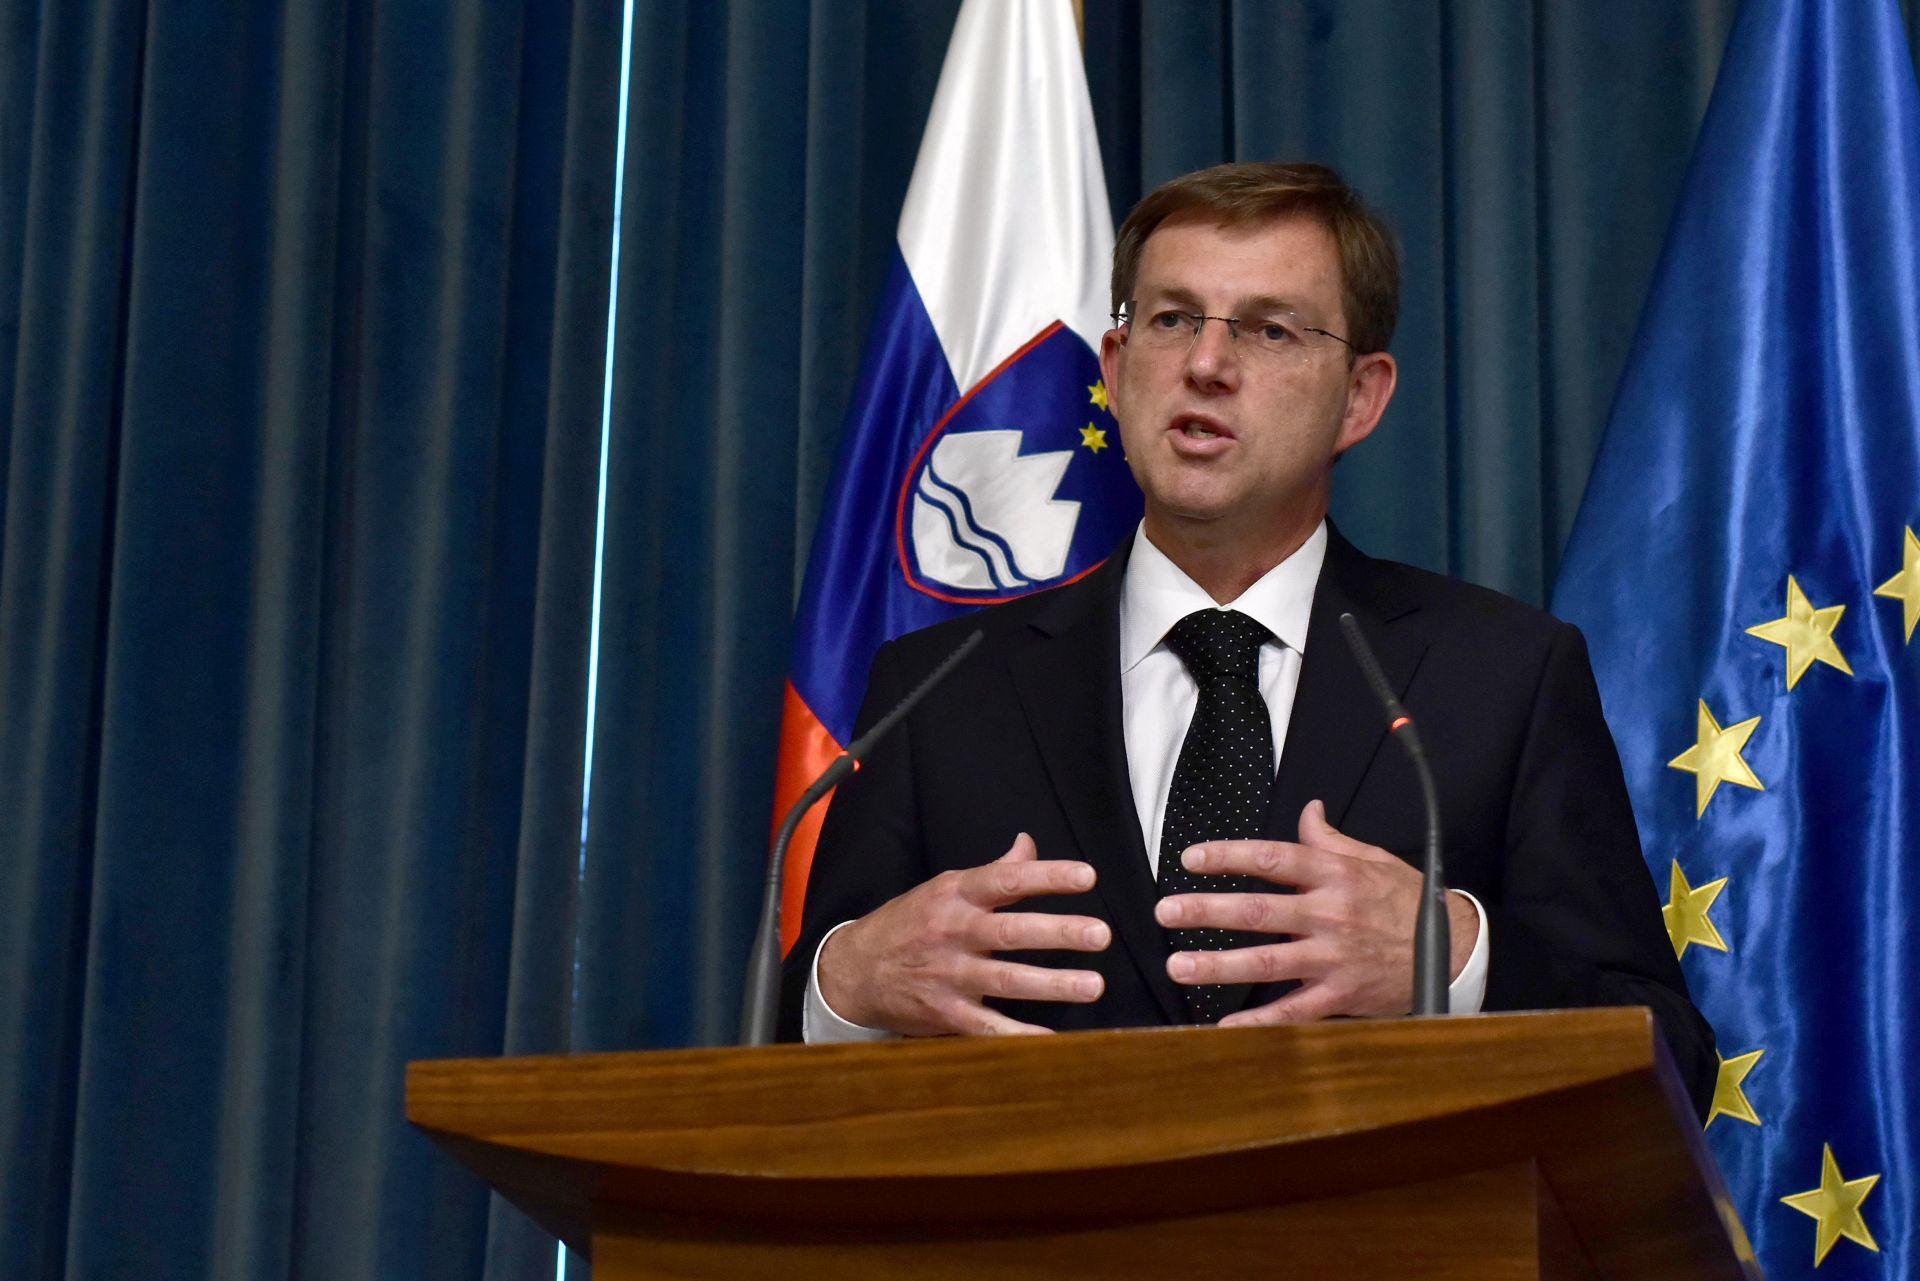 Slovenski premijer sazvao državni i stranački vrh po pitanju arbitraže